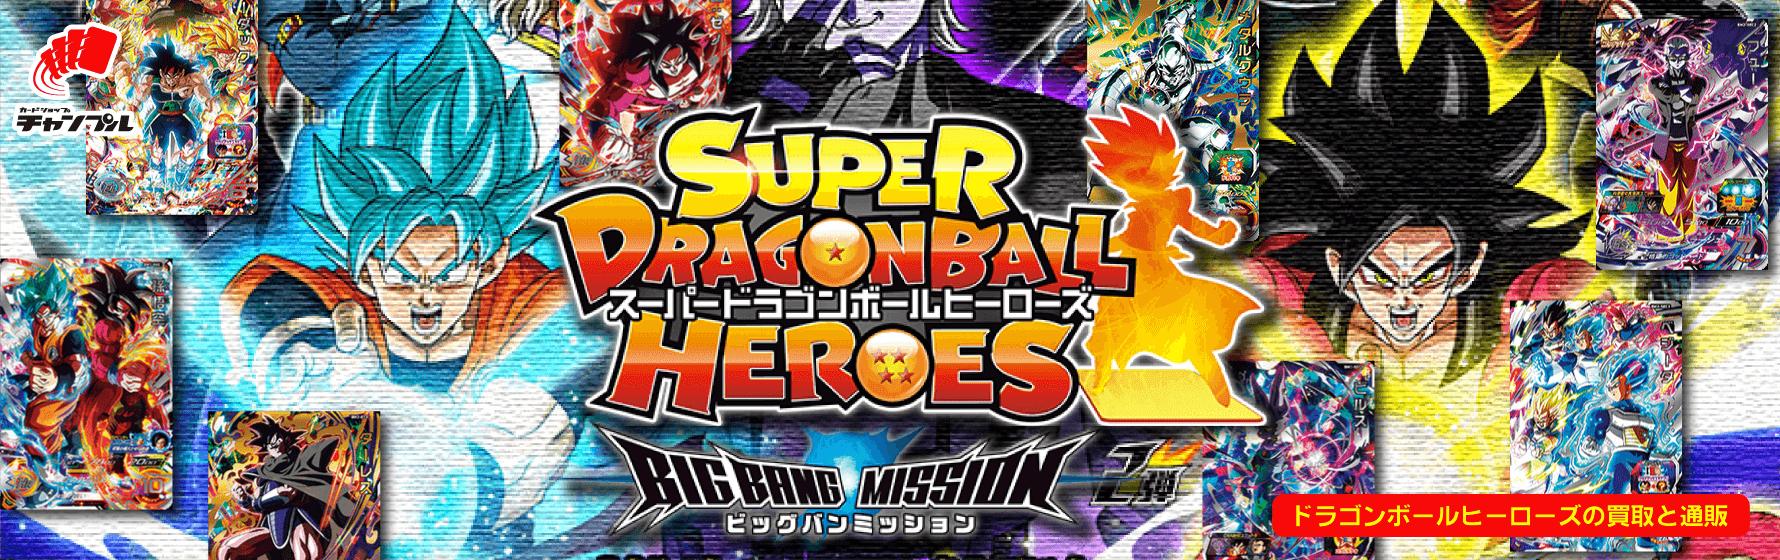 スーパードラゴンボールヒーローズビッグバンミッション最新弾が続々入荷中です。